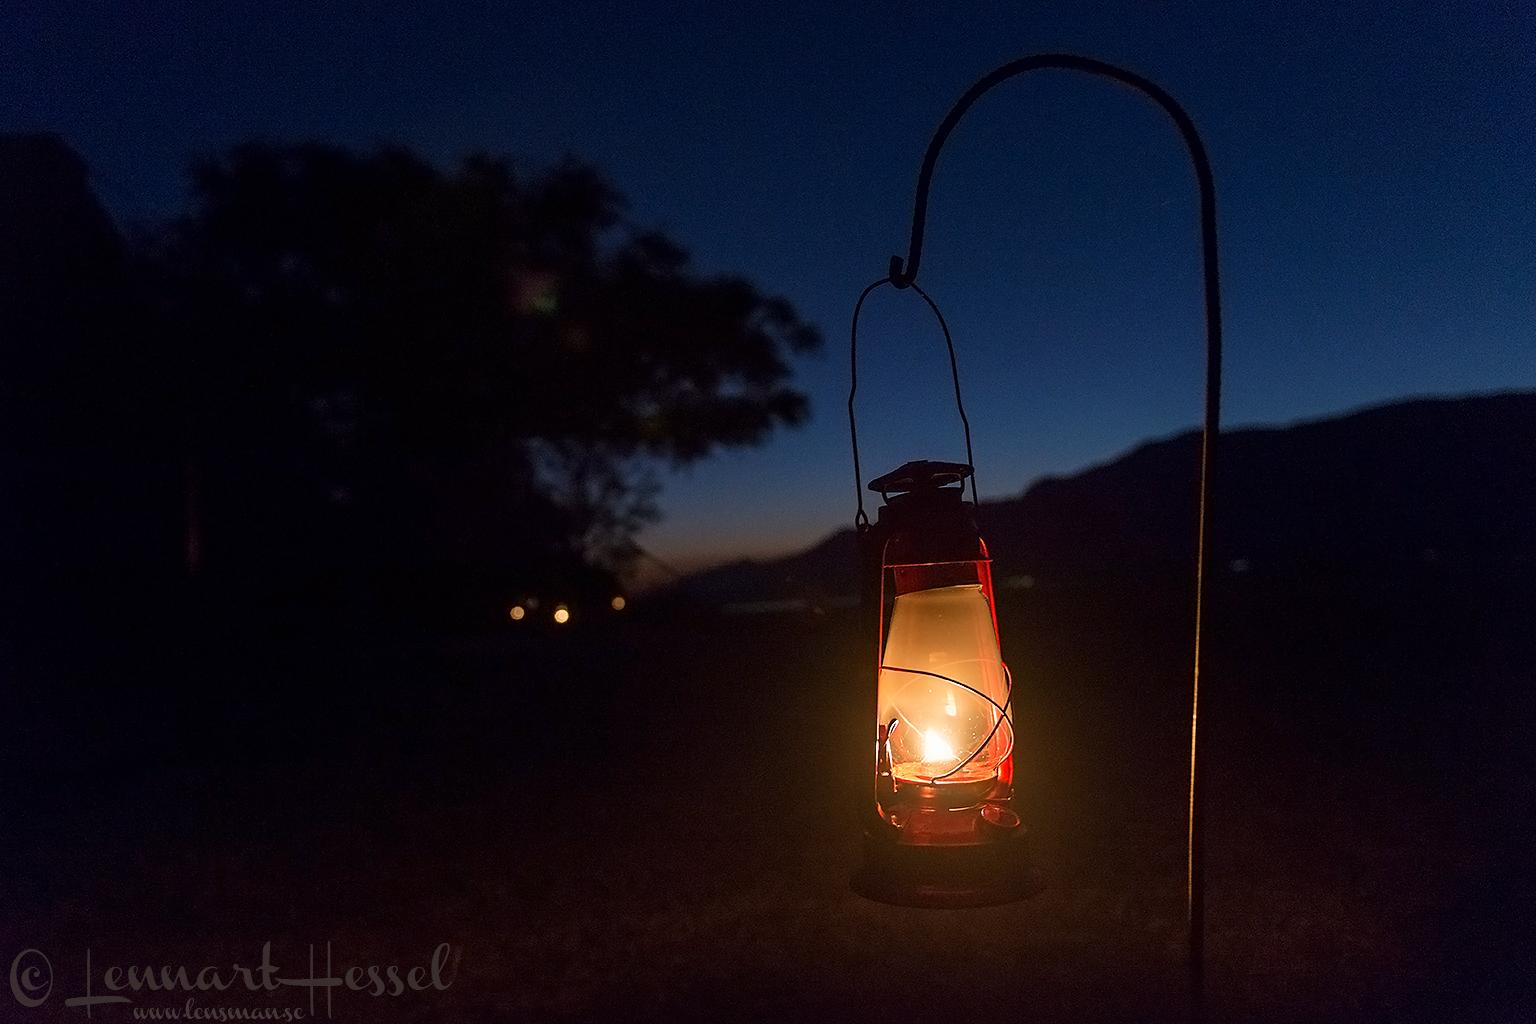 The lamp Mana Pools National Park Zimbabwe